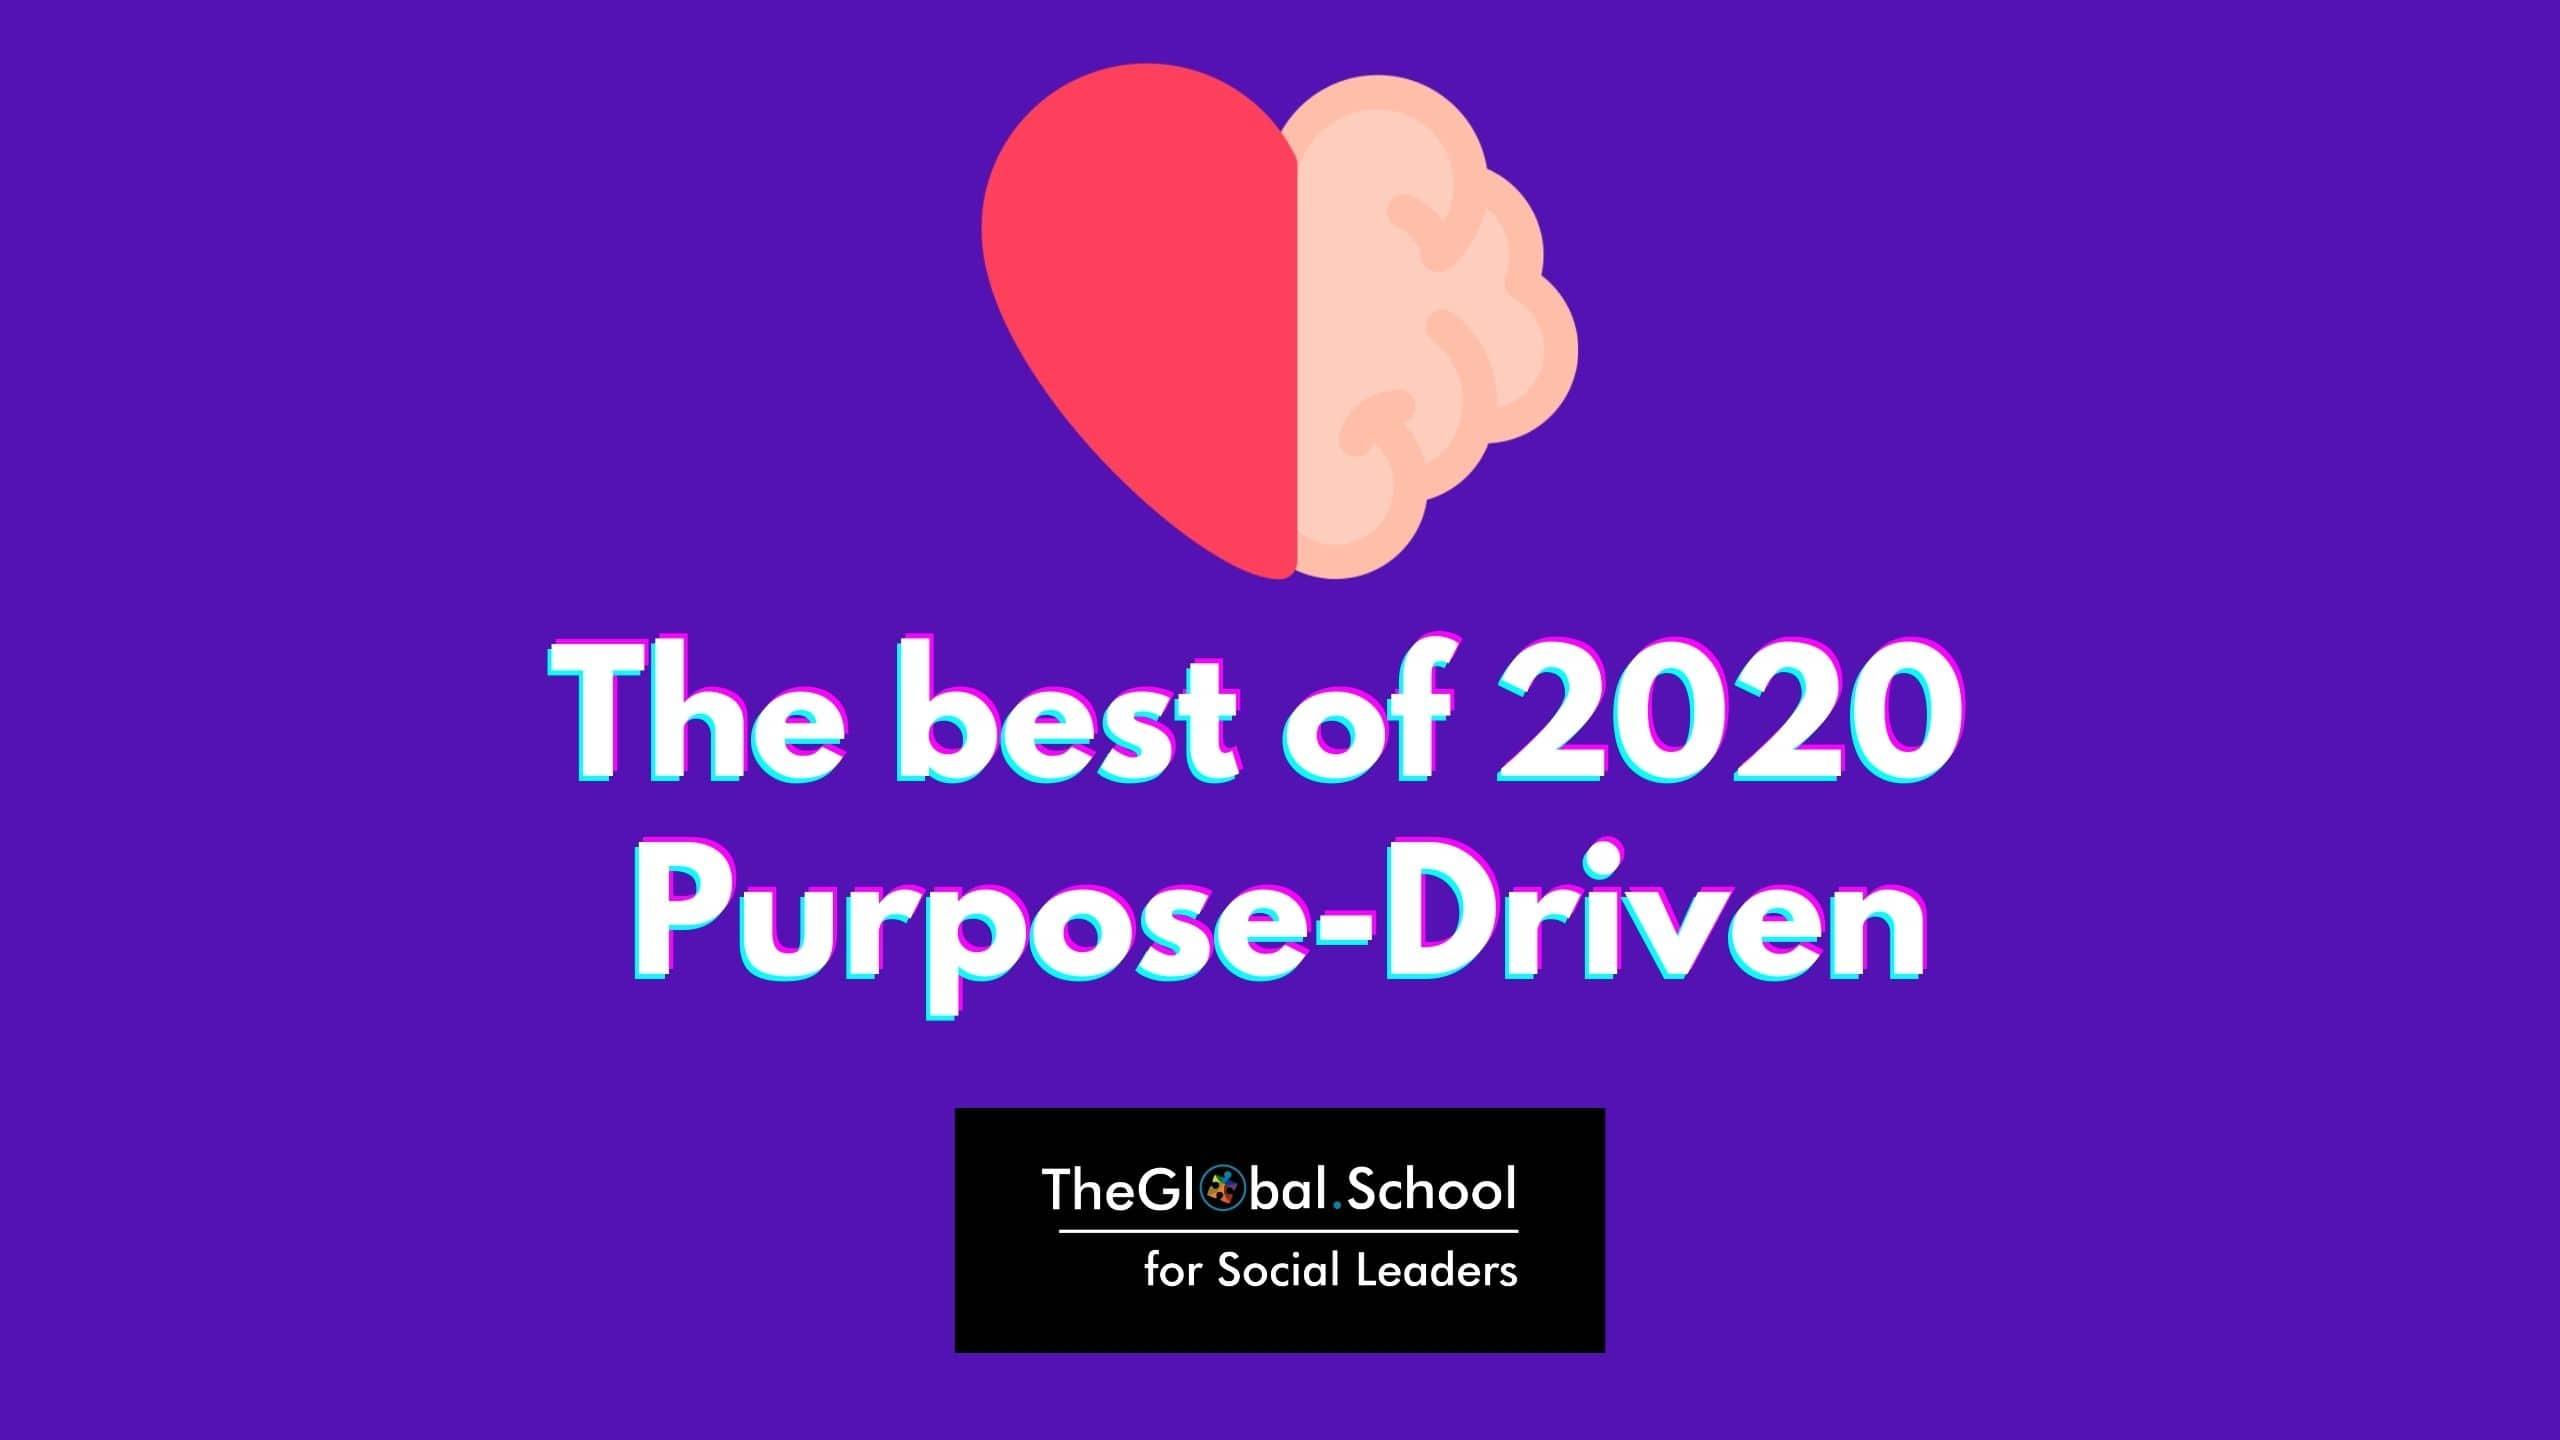 purpose-driven content